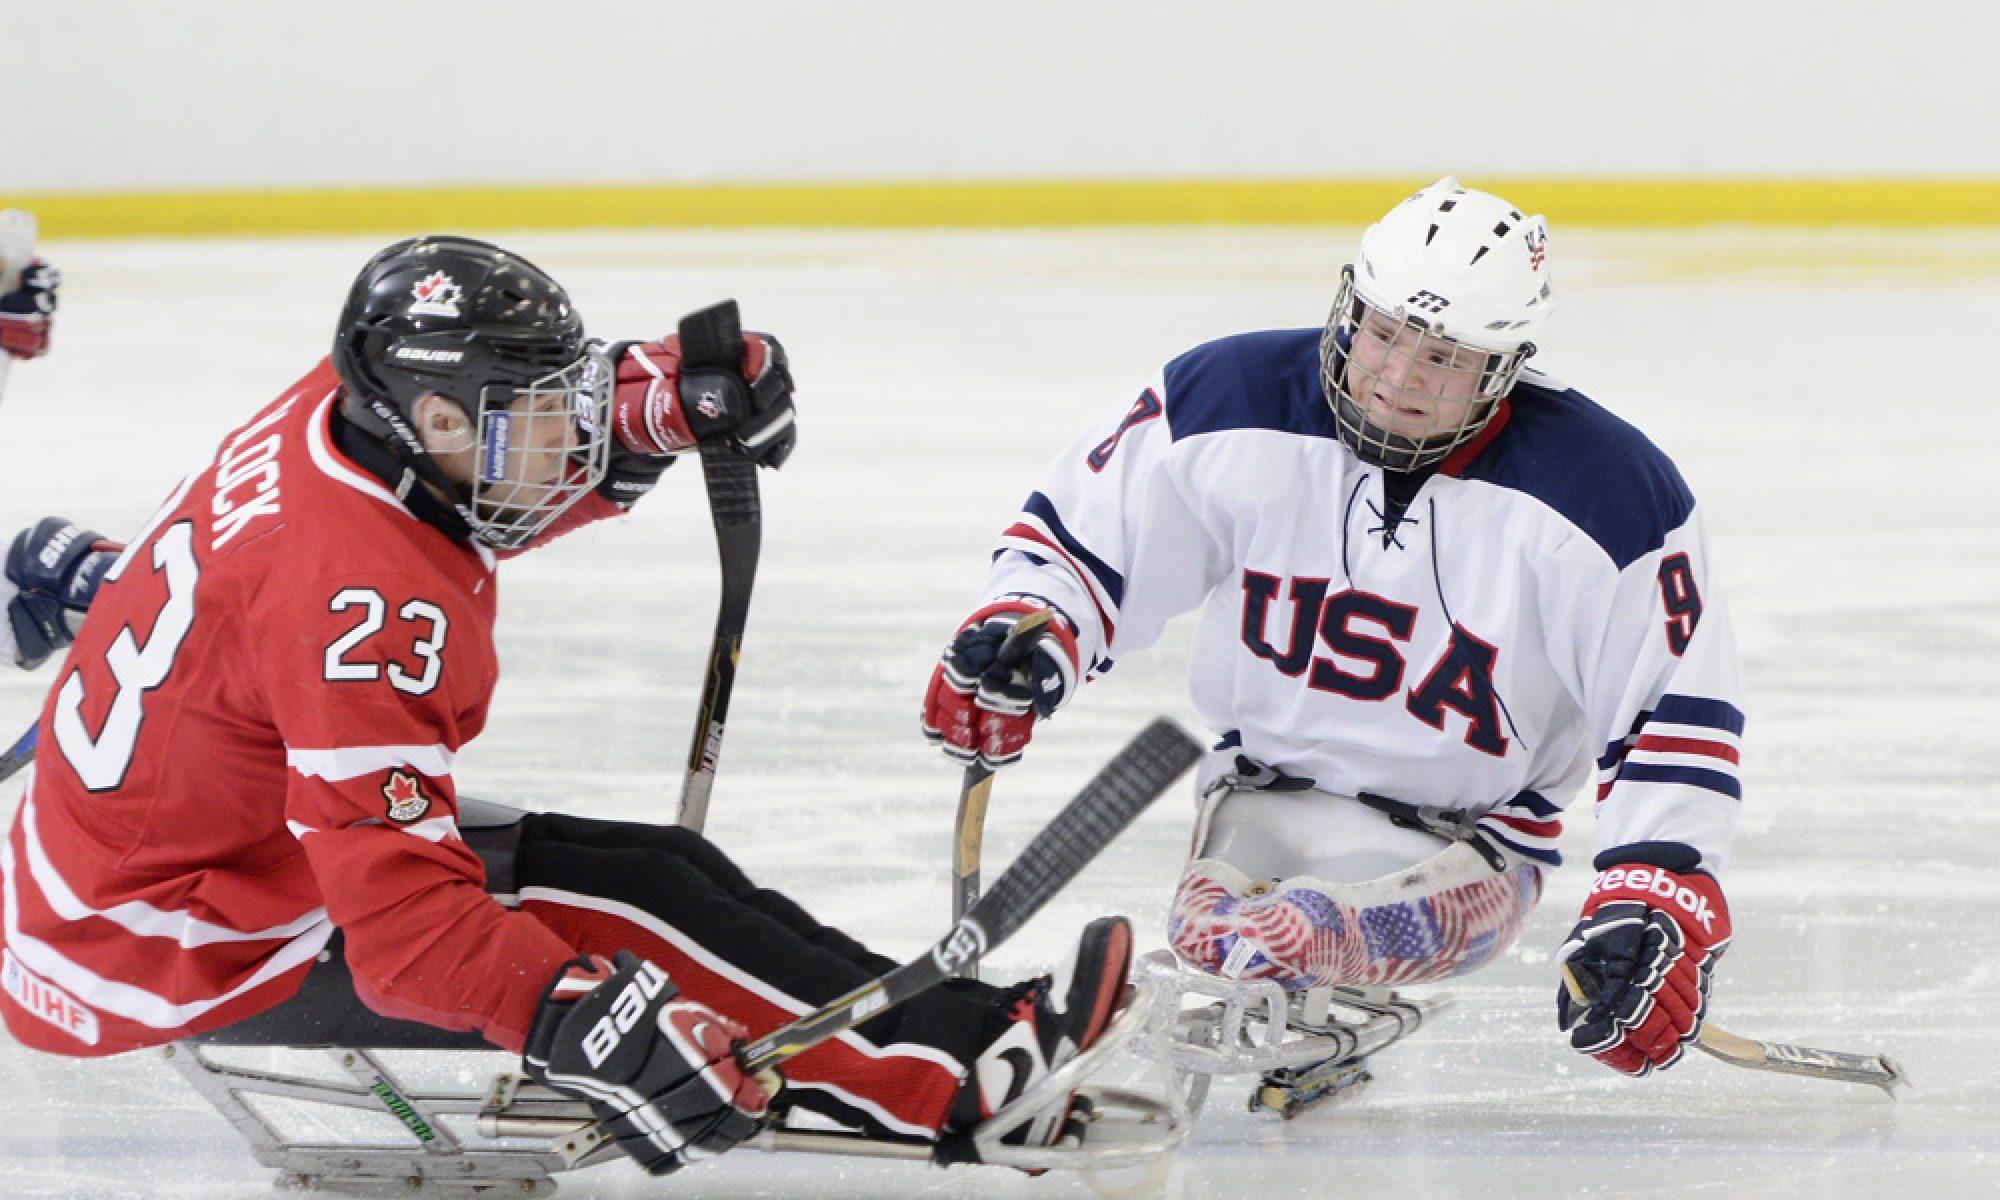 Adaptive Athlete